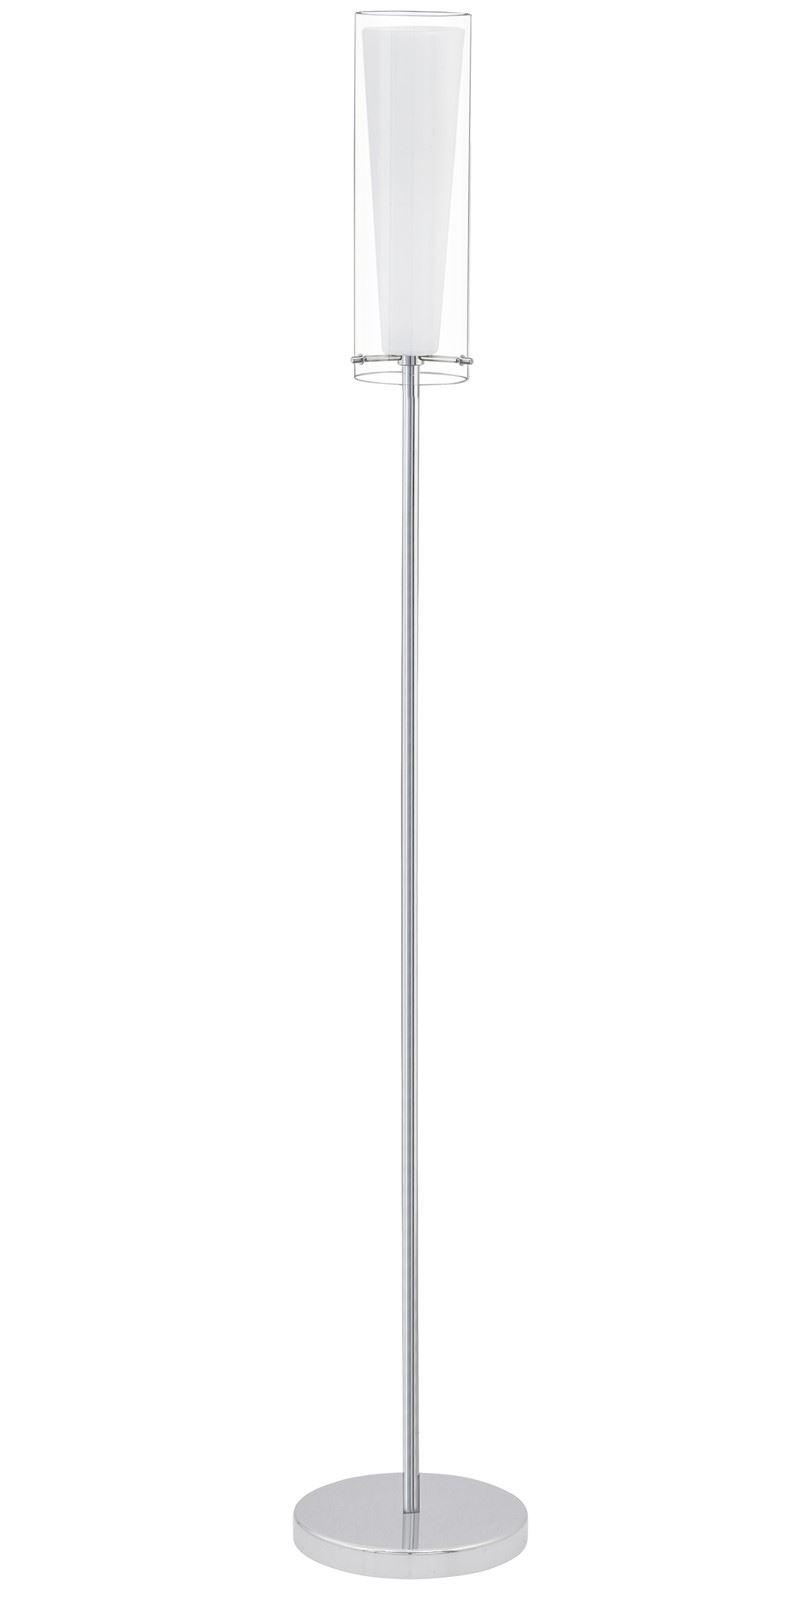 Pinto Floor Lamp 1 Light E27 Chrome Clear White